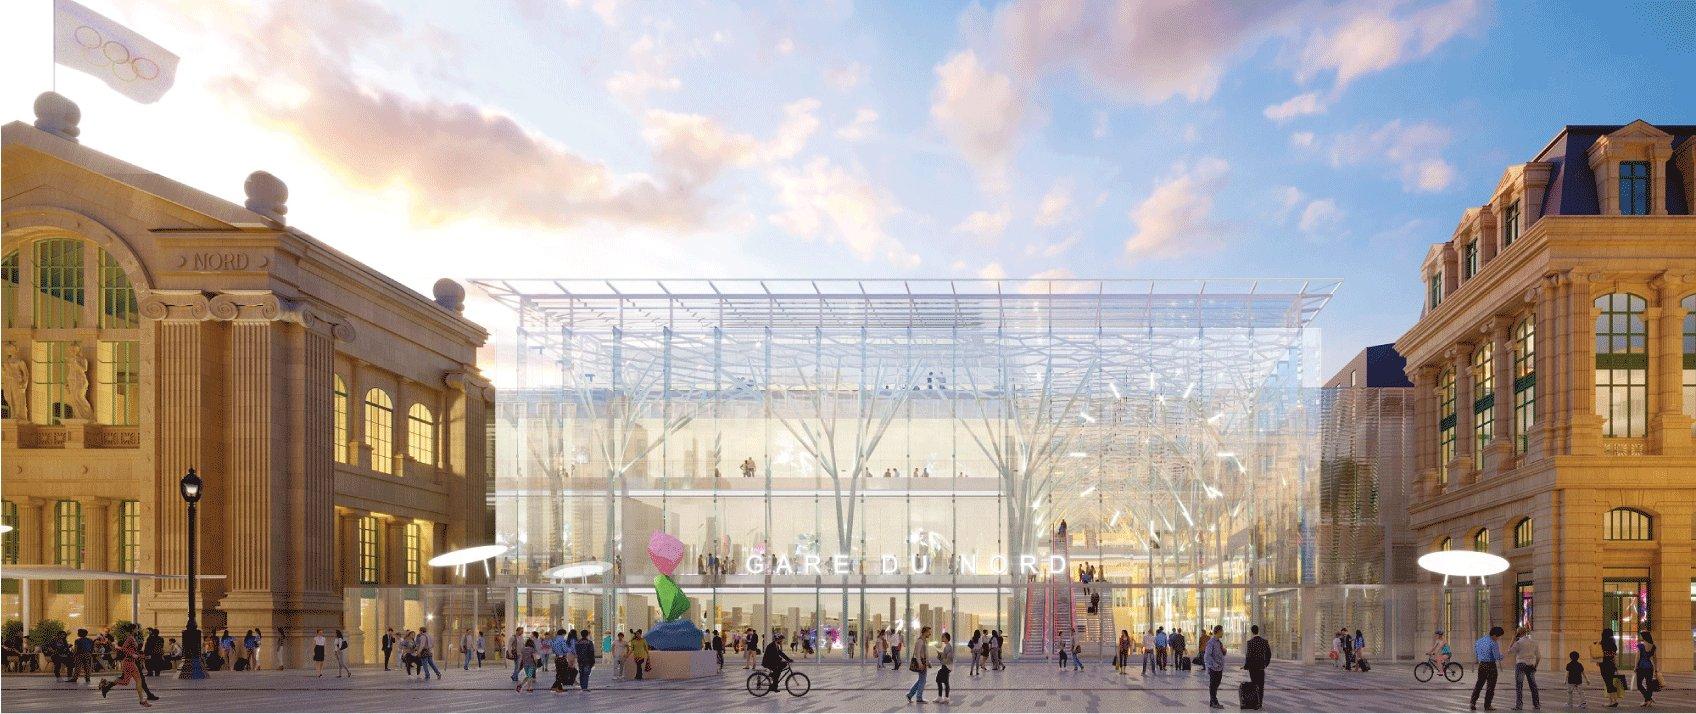 Gare du Nord : quels changements sont attendus d'ici 2024 ?